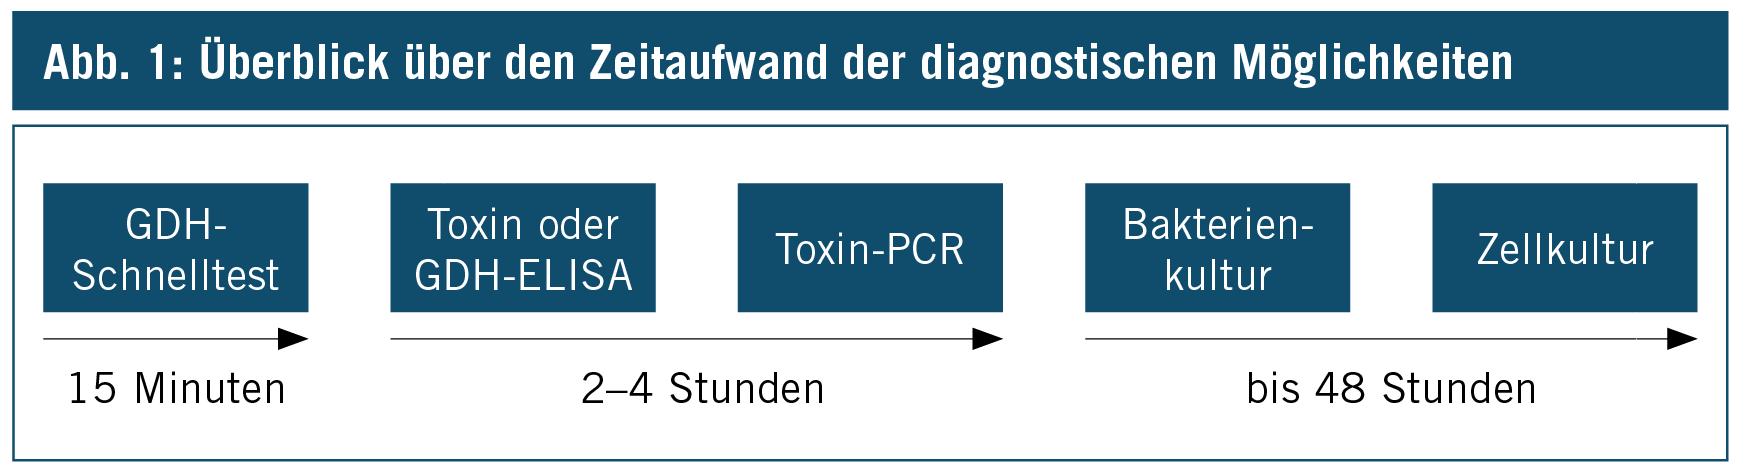 clostridium difficile gdh